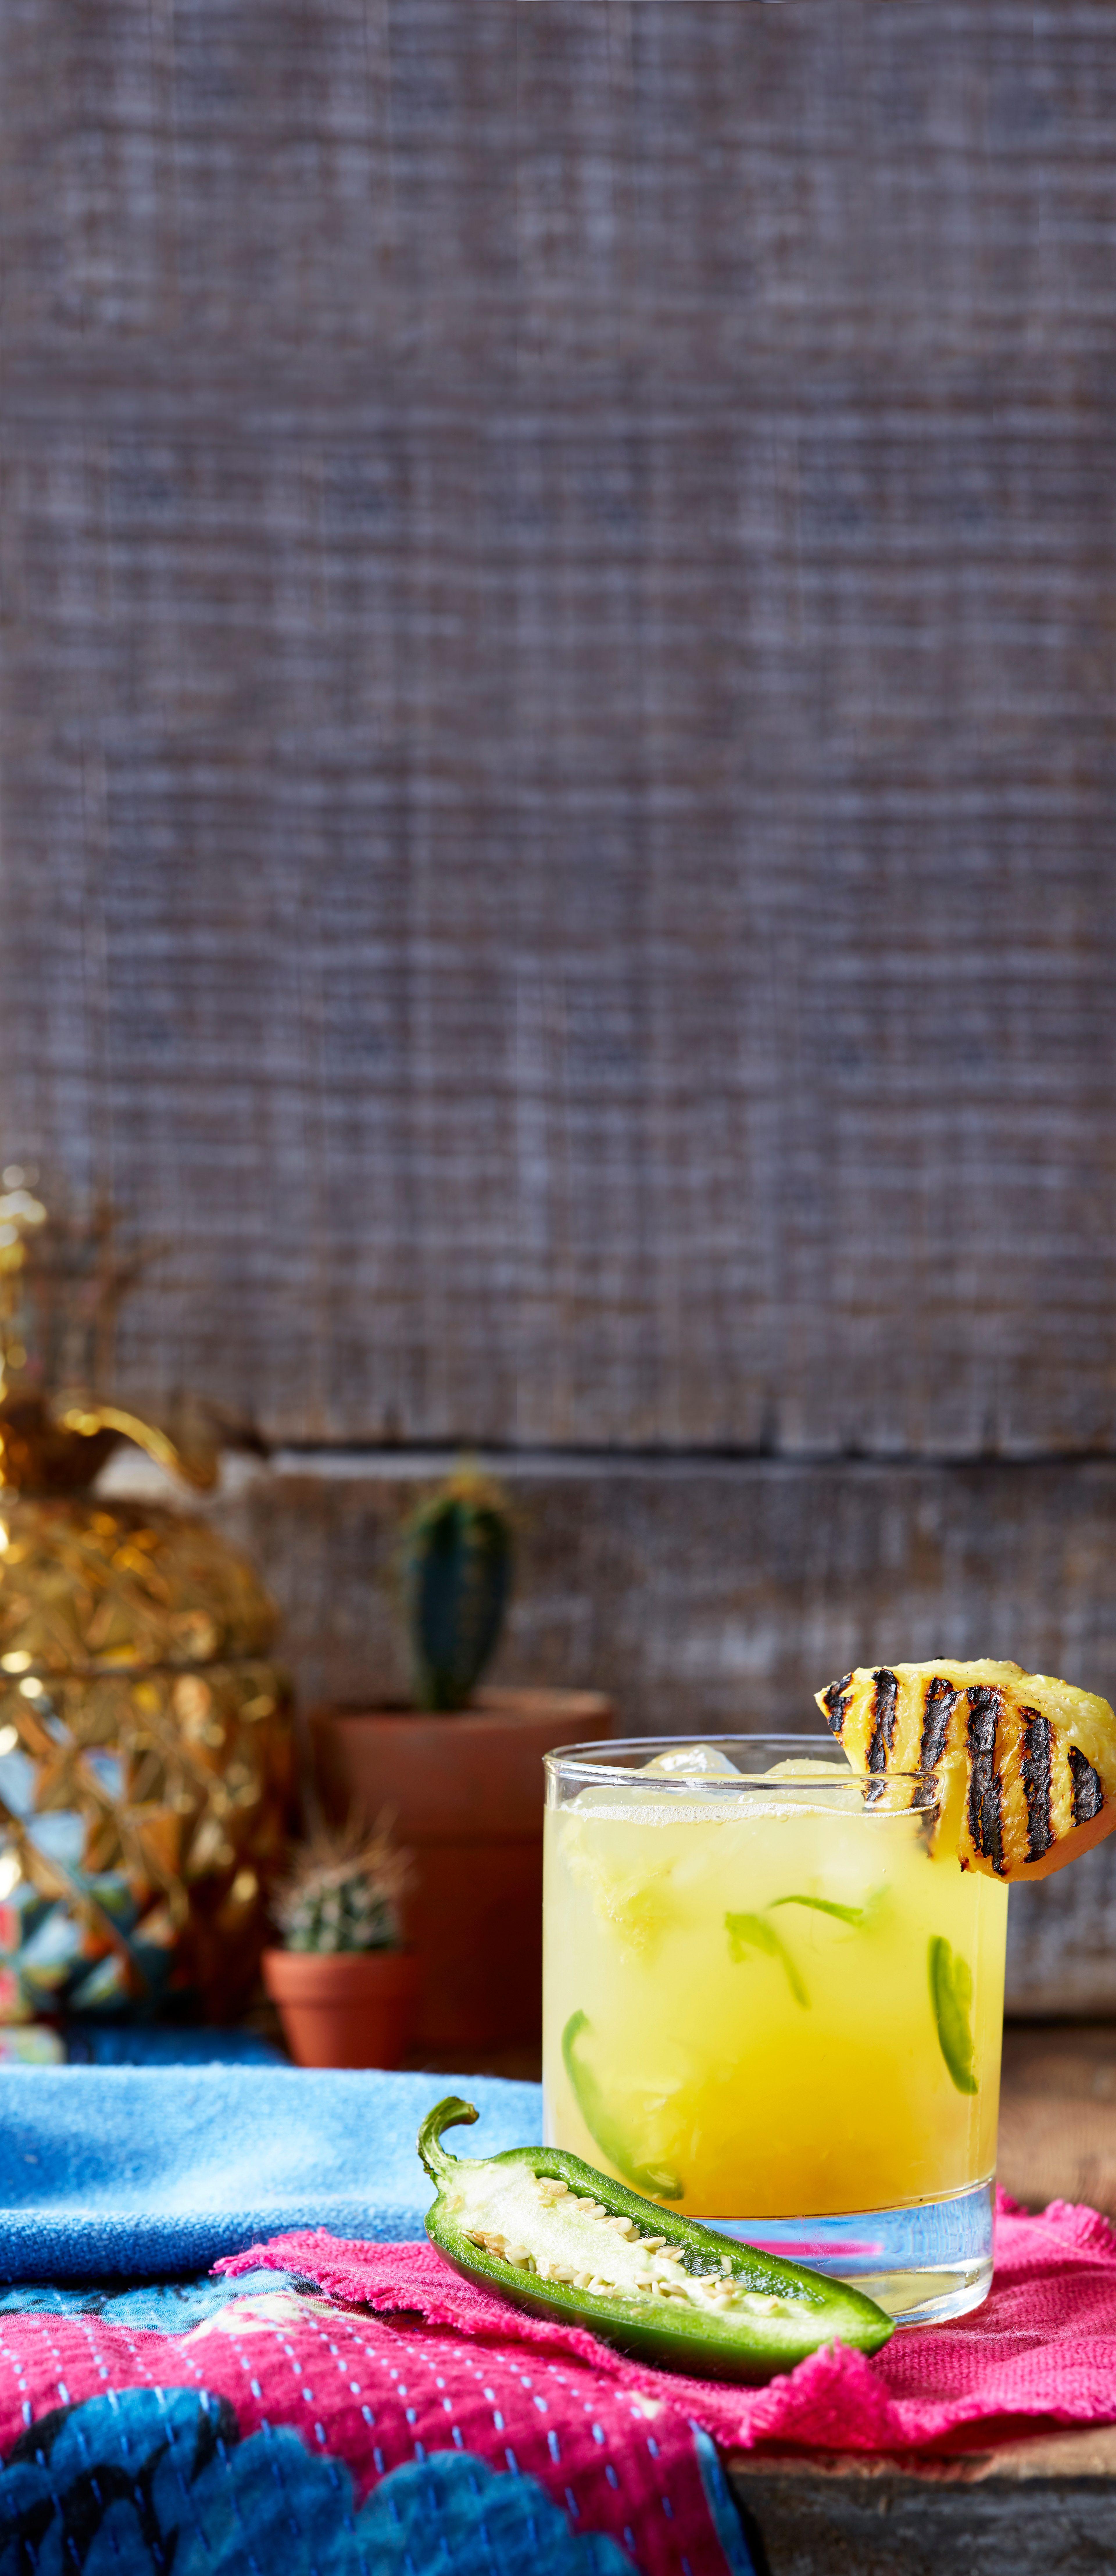 Rețetă de cocktail mezcal cu ananas și Jalapeño